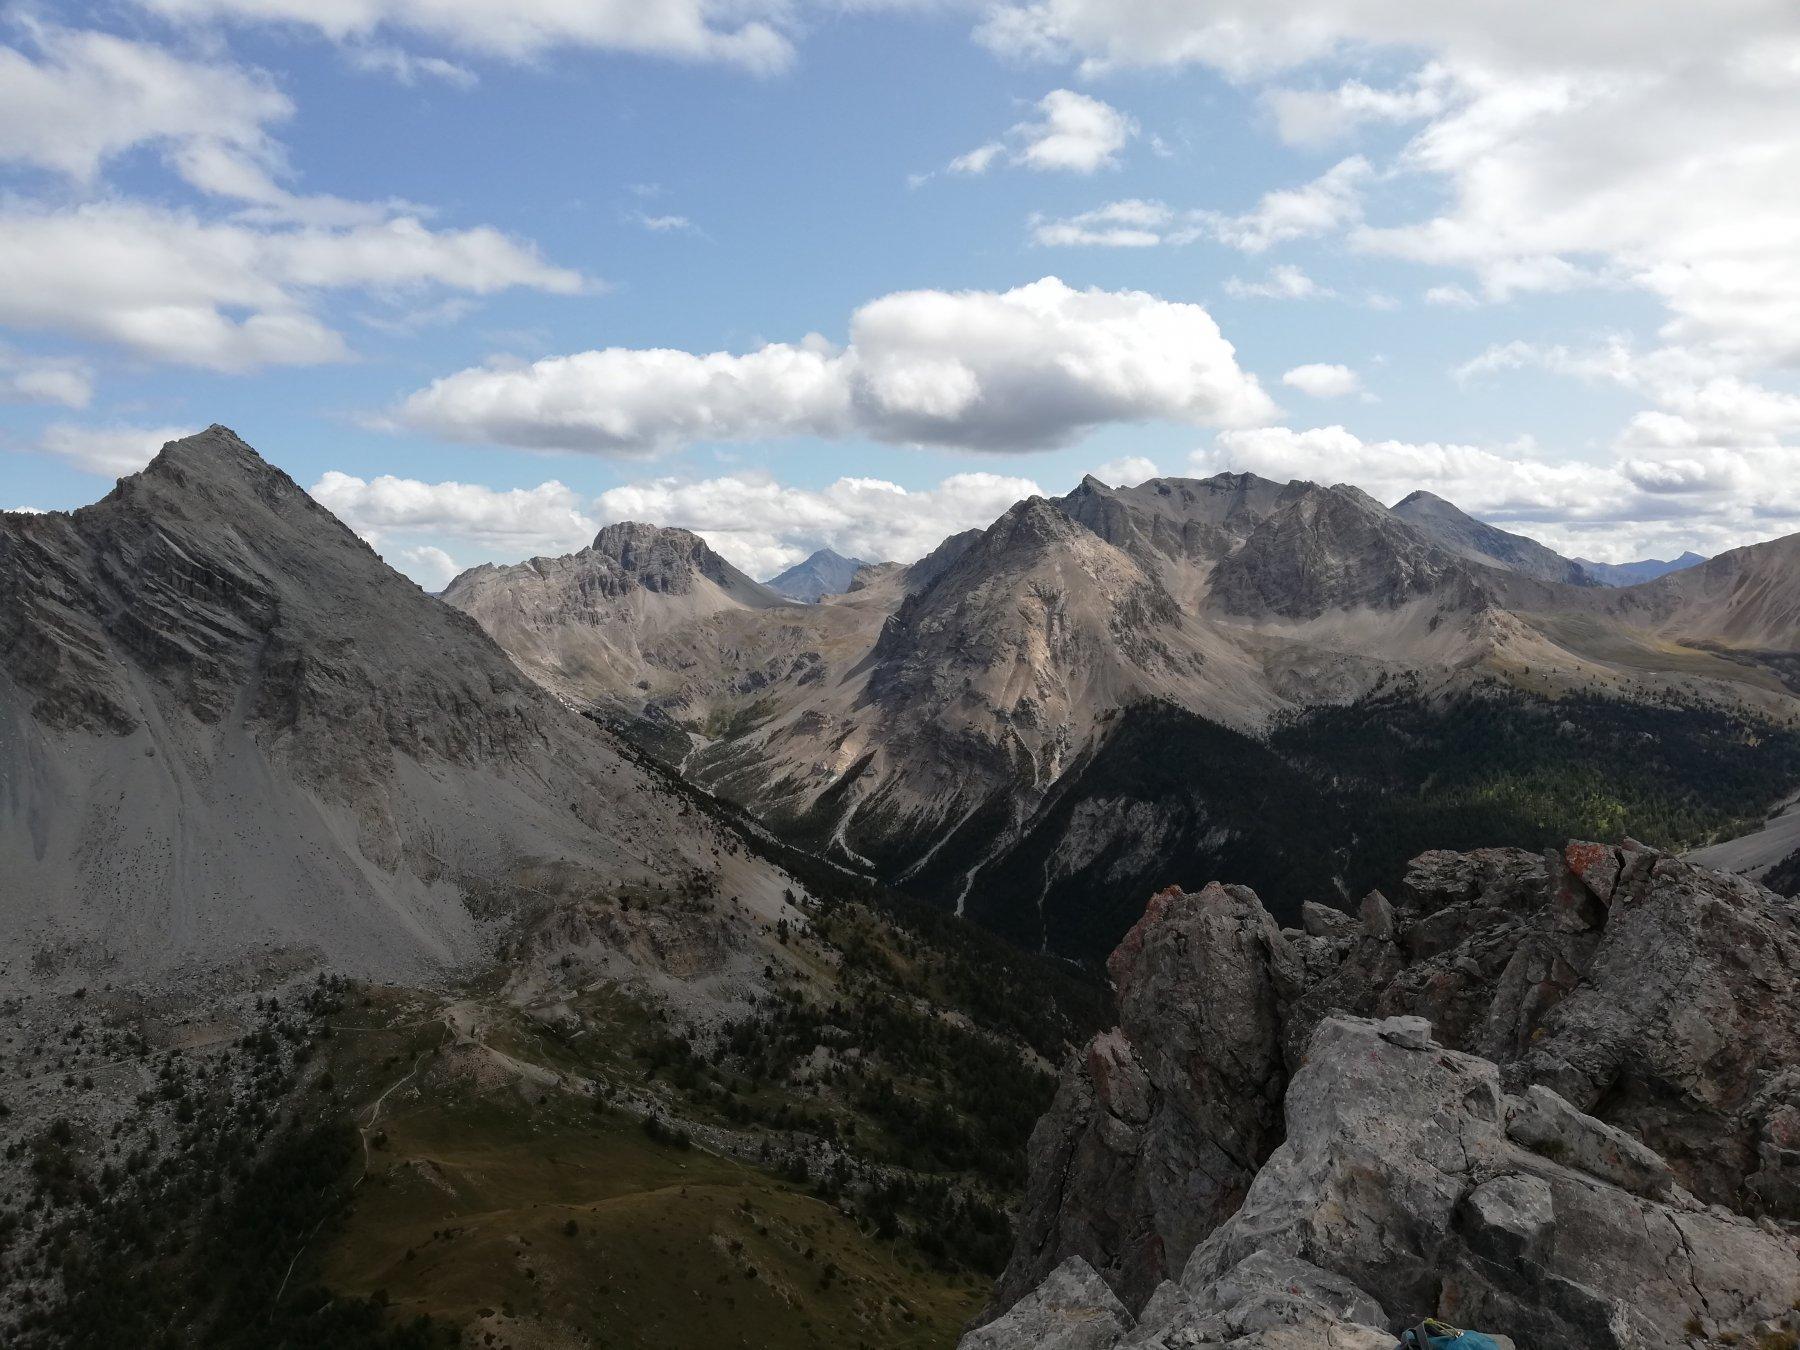 Panorama dalla Vetta:da sinistra Punta Charra, Clotesse, Roche de Pres, Chalanche Ronde, Rocher de Malapas